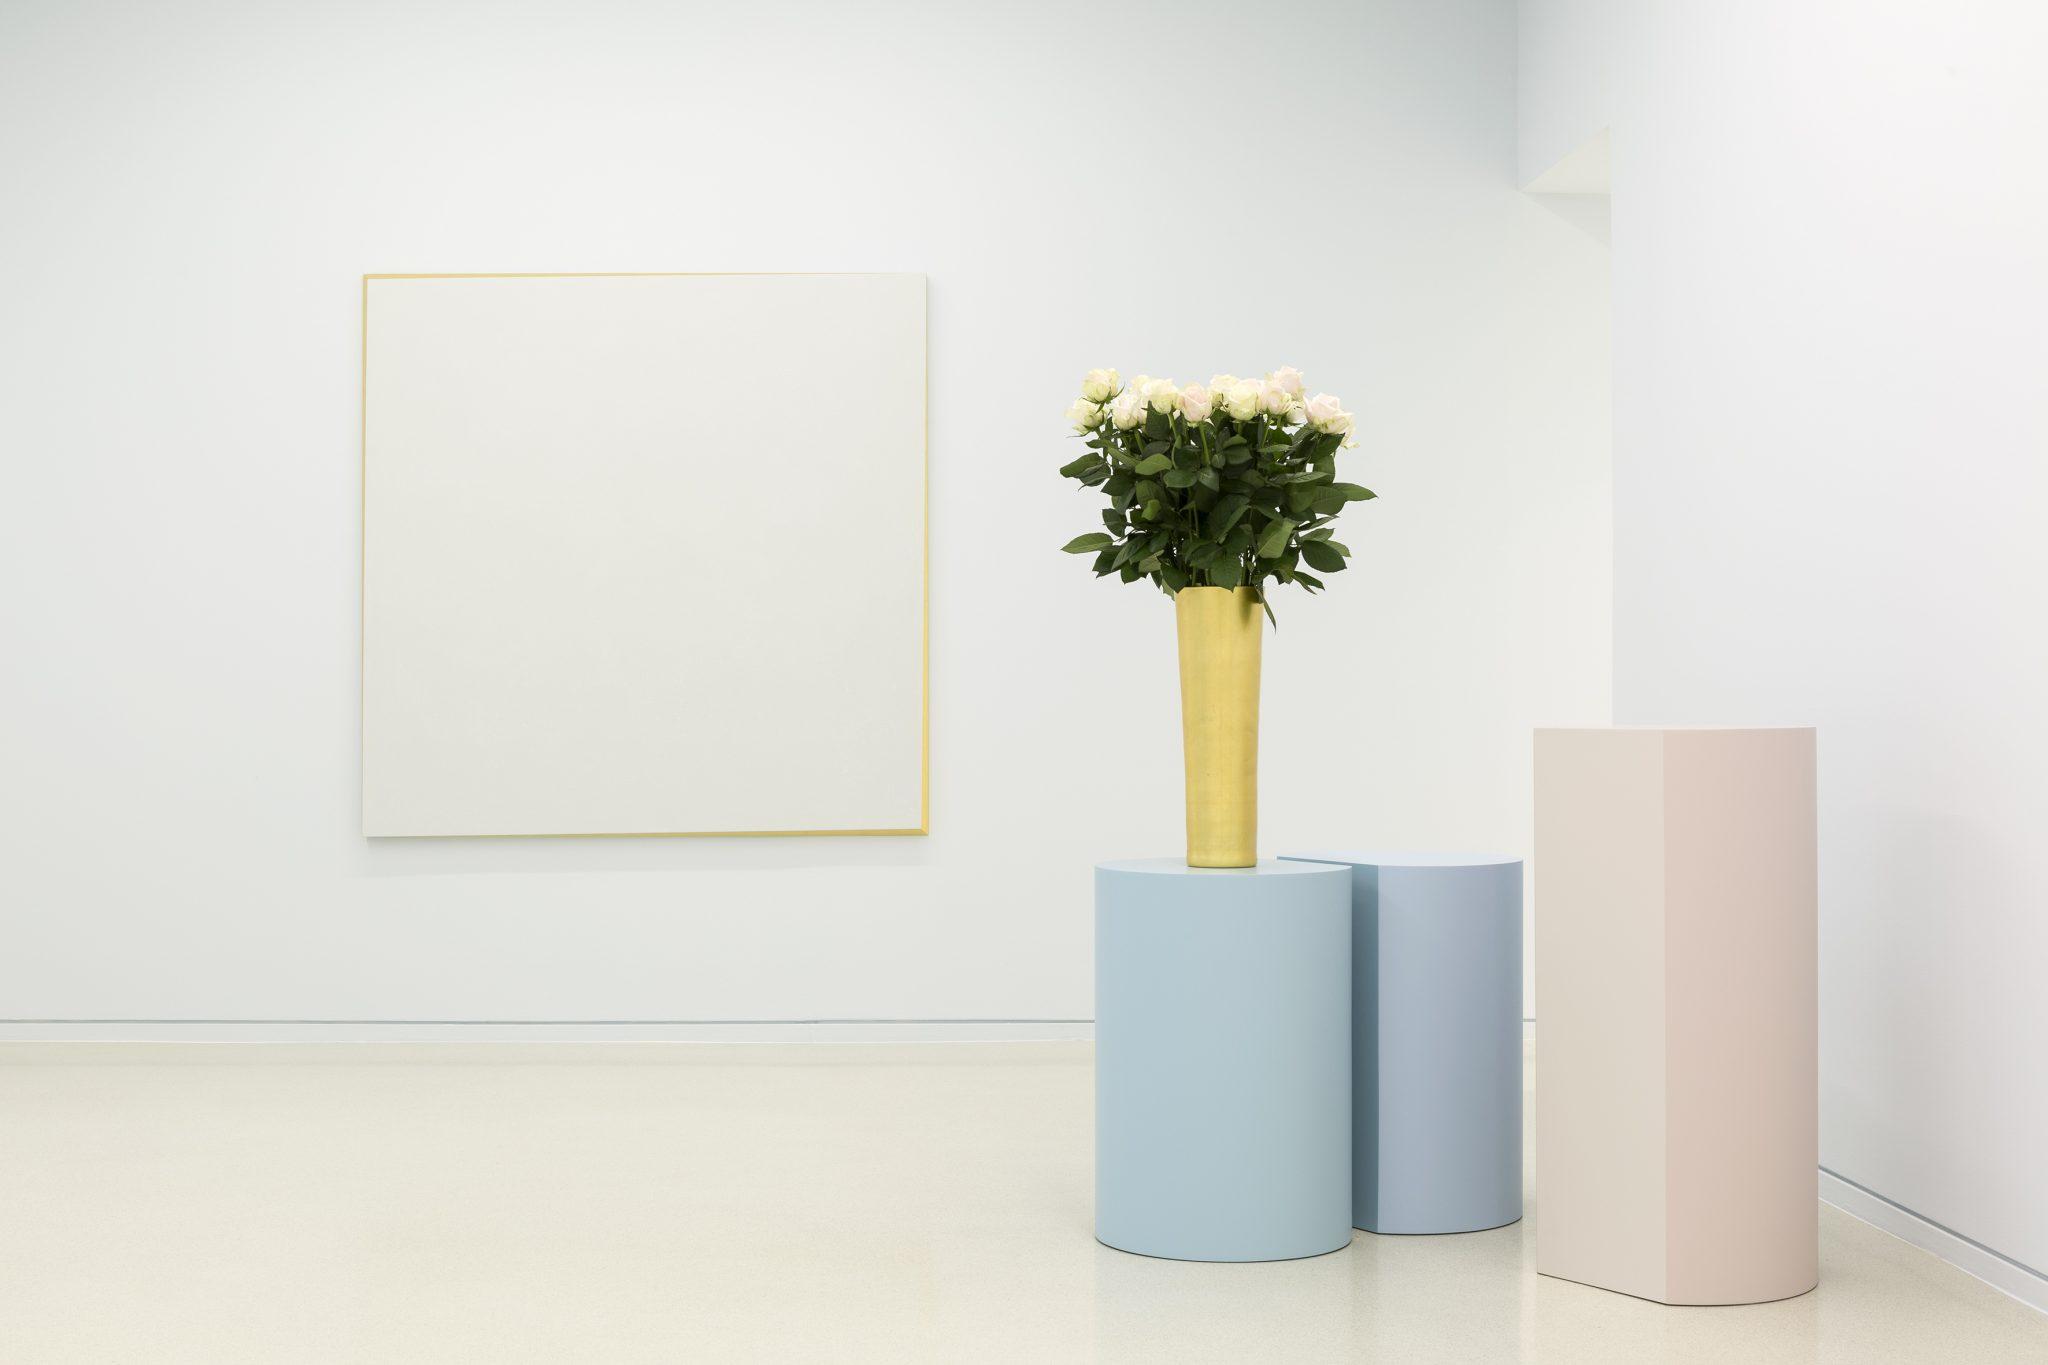 Vue d'exposition Ettore SpallettiOmbre d'azur, transparence Nouveau Musée National de Monaco – Villa Paloma Photo : Werner Hannappel, VG-Bildkunst Bonn 2019